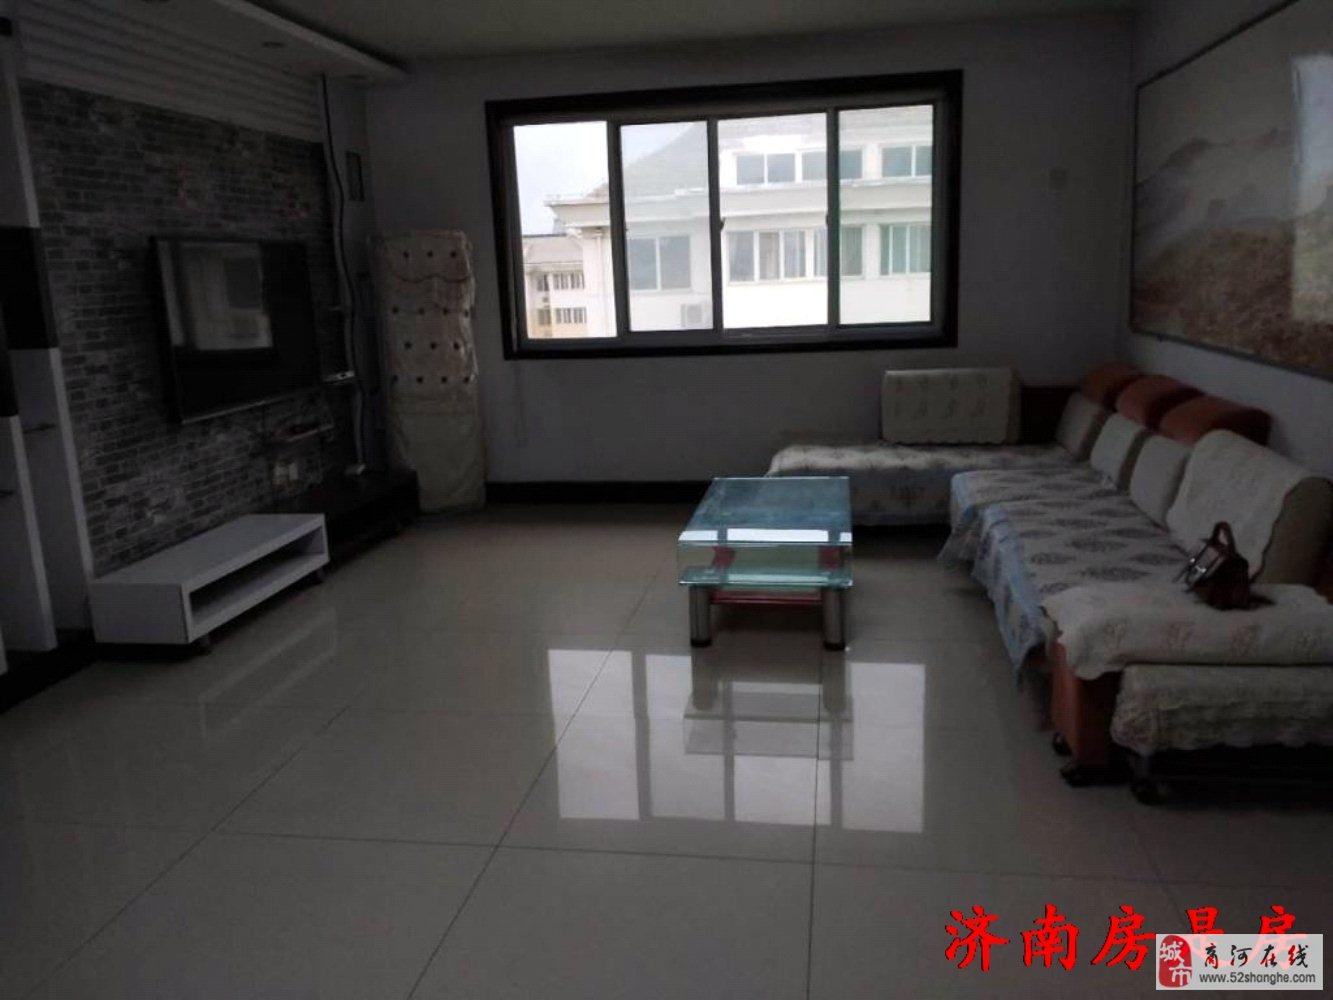 涌鑫花苑3室2厅1卫83万元